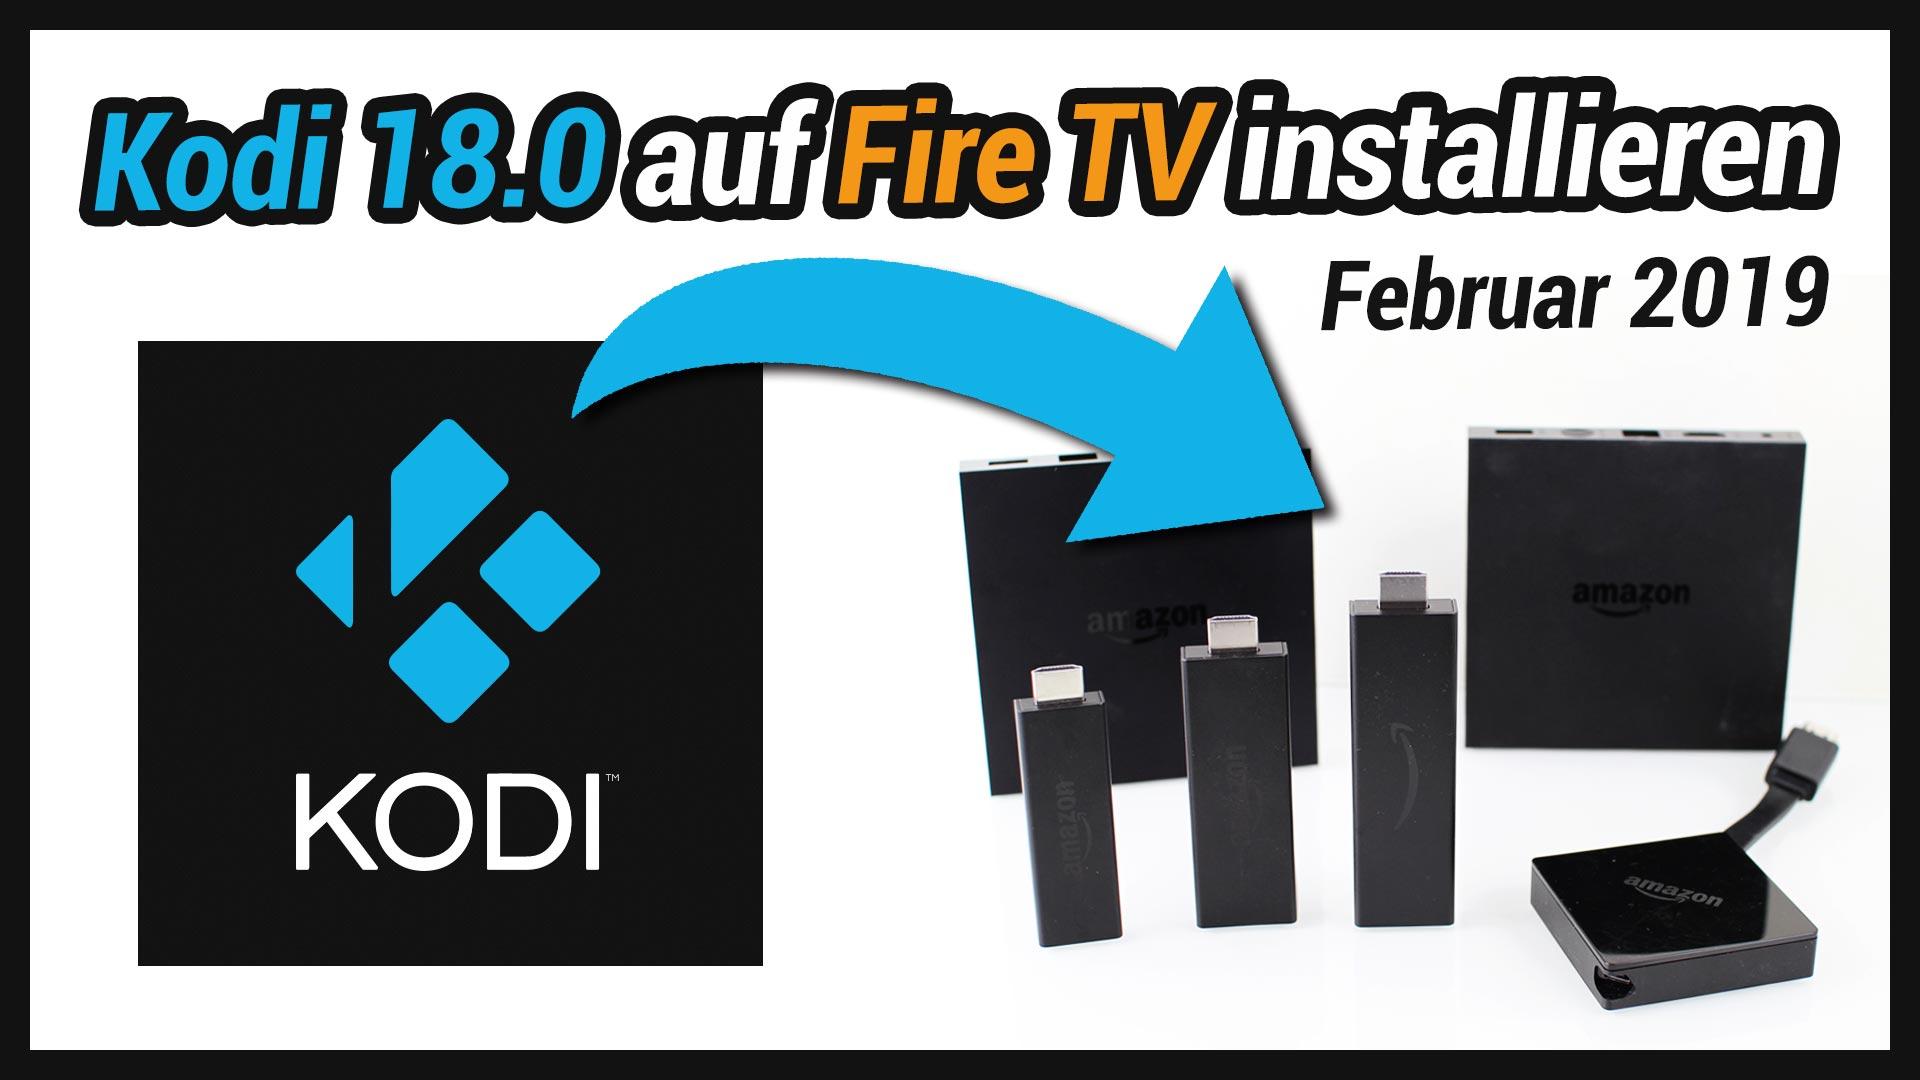 Anleitung: Kodi 18.1 einfach auf Fire TV Stick installieren (Deutsch)